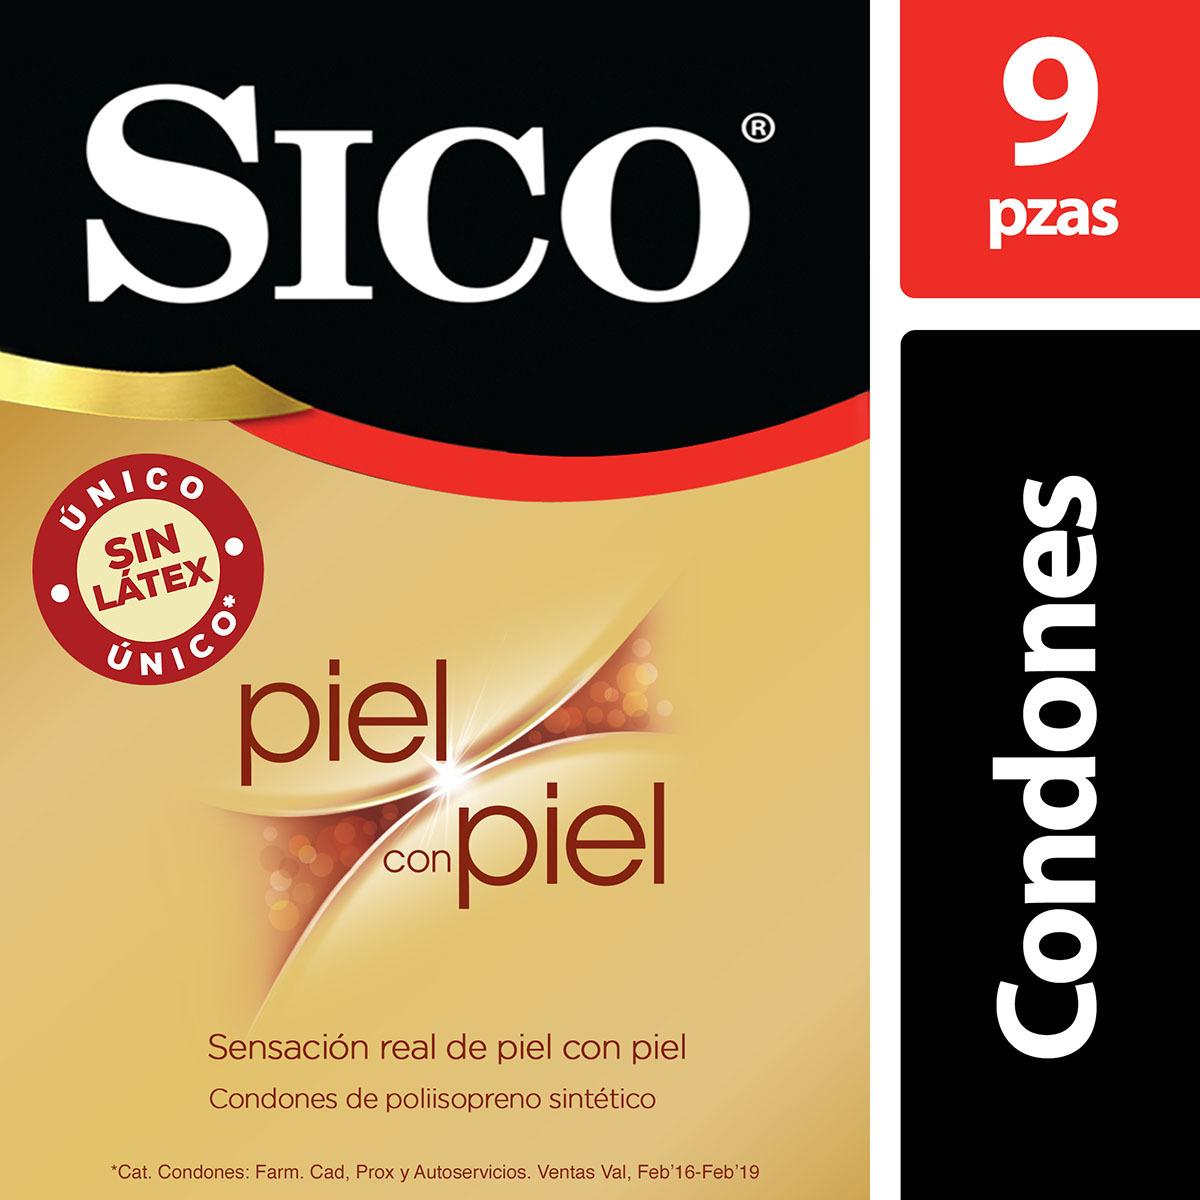 Amazon: Sico Piel con Piel Condones Sin Látex 9 Pzas.